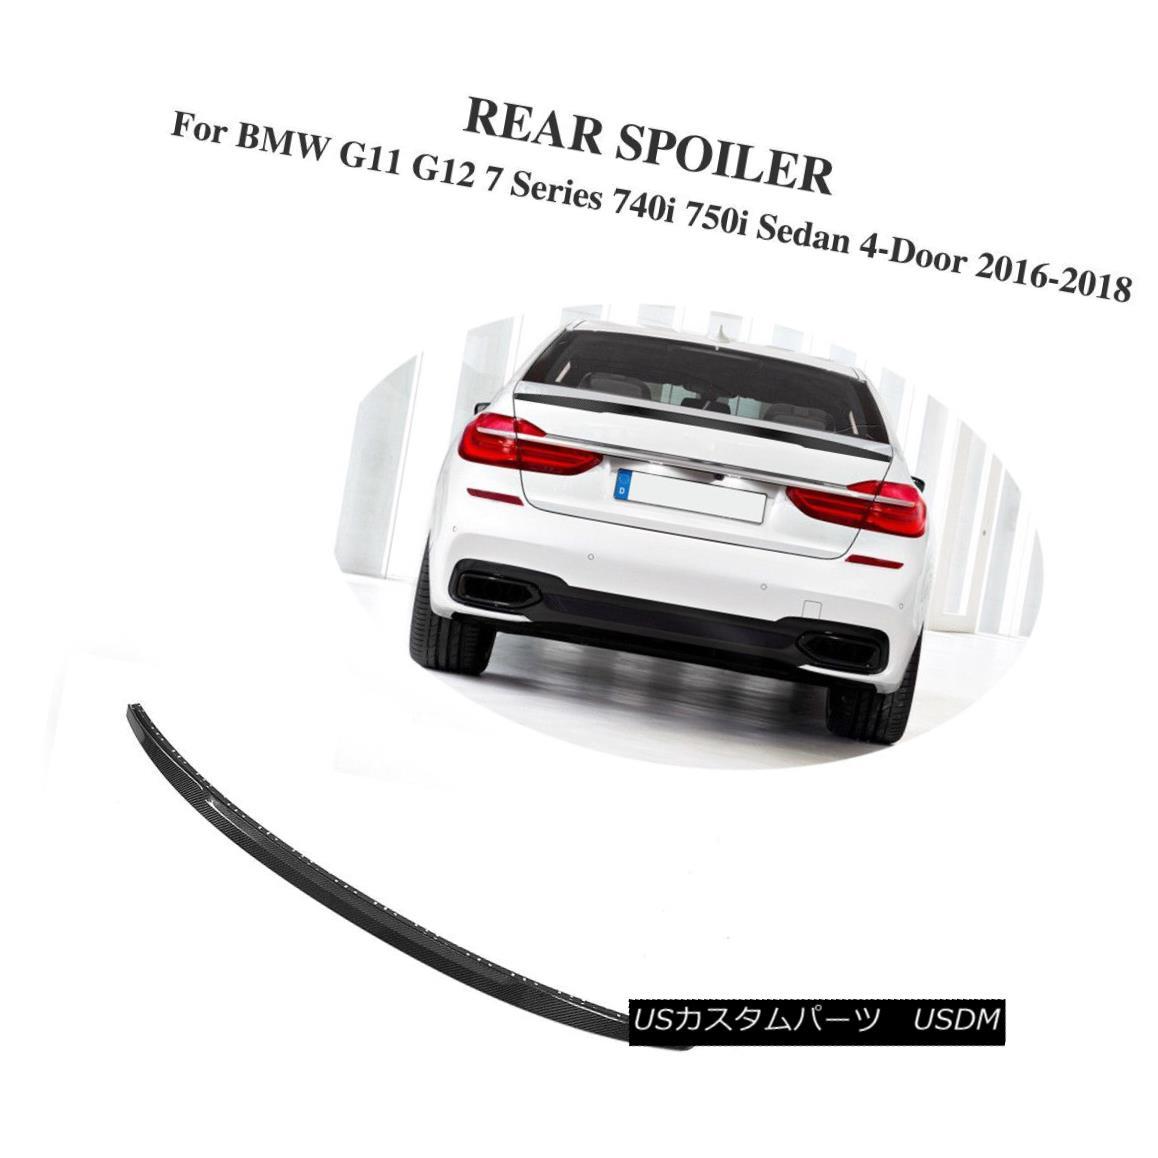 エアロパーツ Rear Trunk Spoiler Carbon Fiber Fit For BMW G12 G11 7 Series Sedan 4-Door 16-18 BMW G12 G11 7シリーズセダン4ドア16-18用リアトランクスポイラーカーボンファイバー